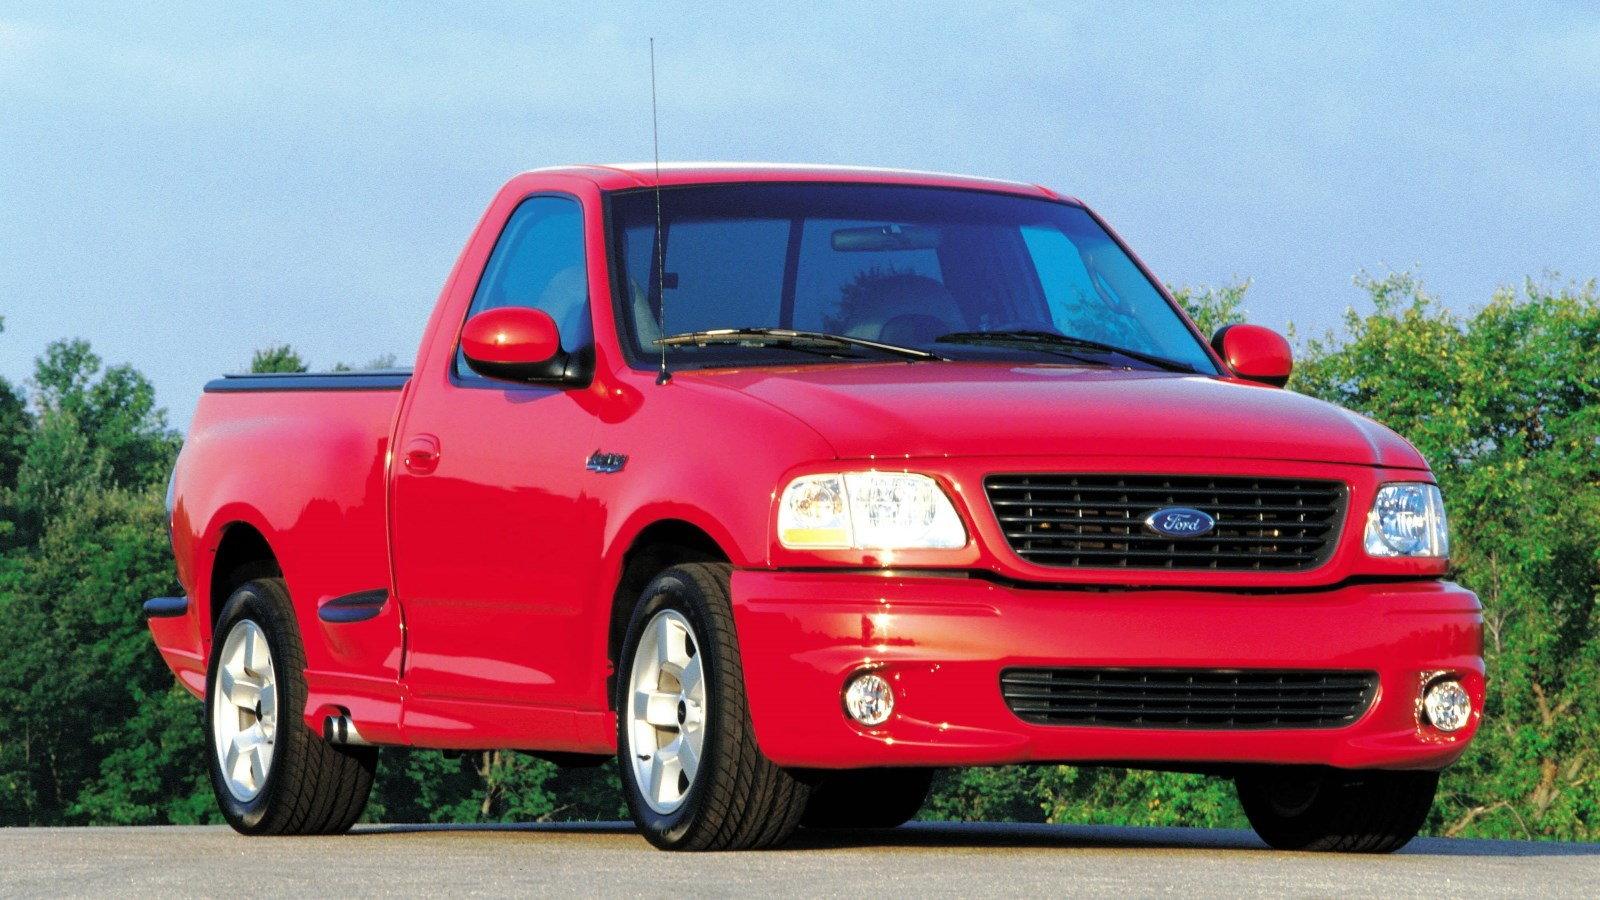 4. 2001 Ford F-150 Lightning